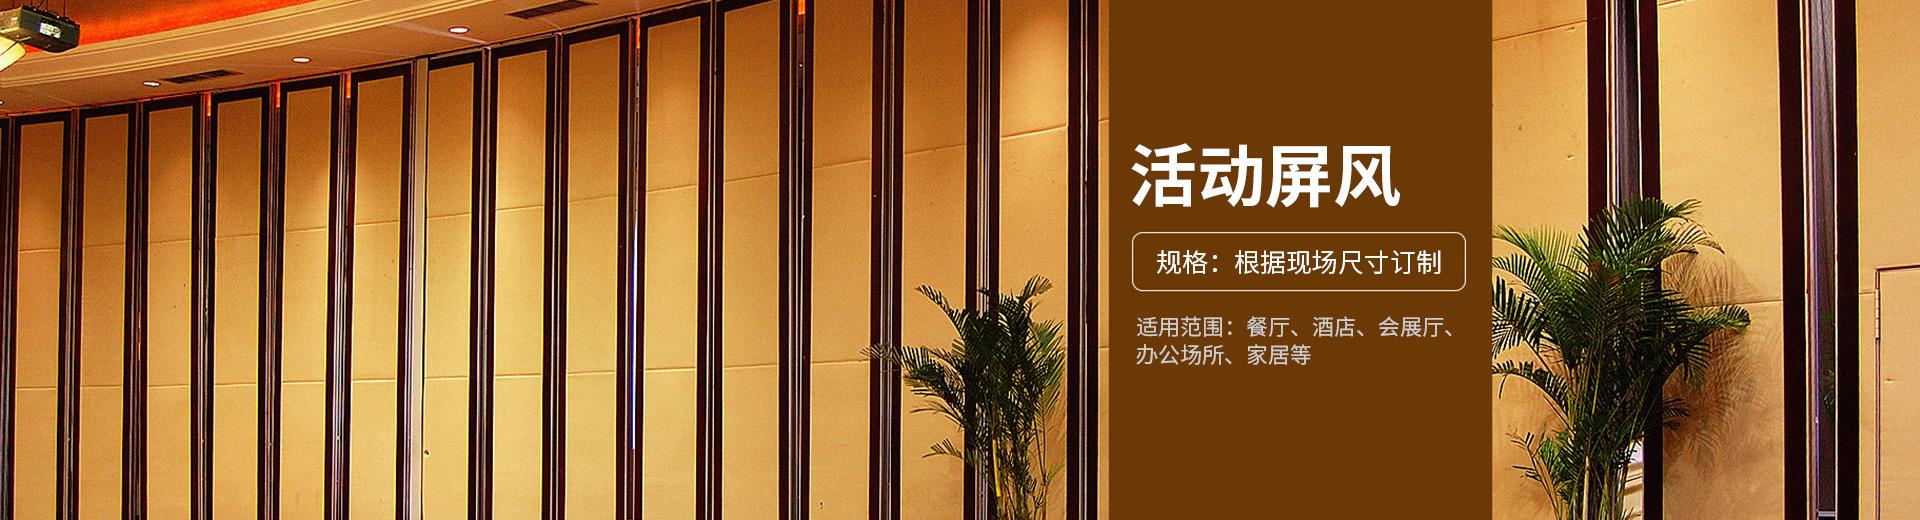 广州室内隔断公司